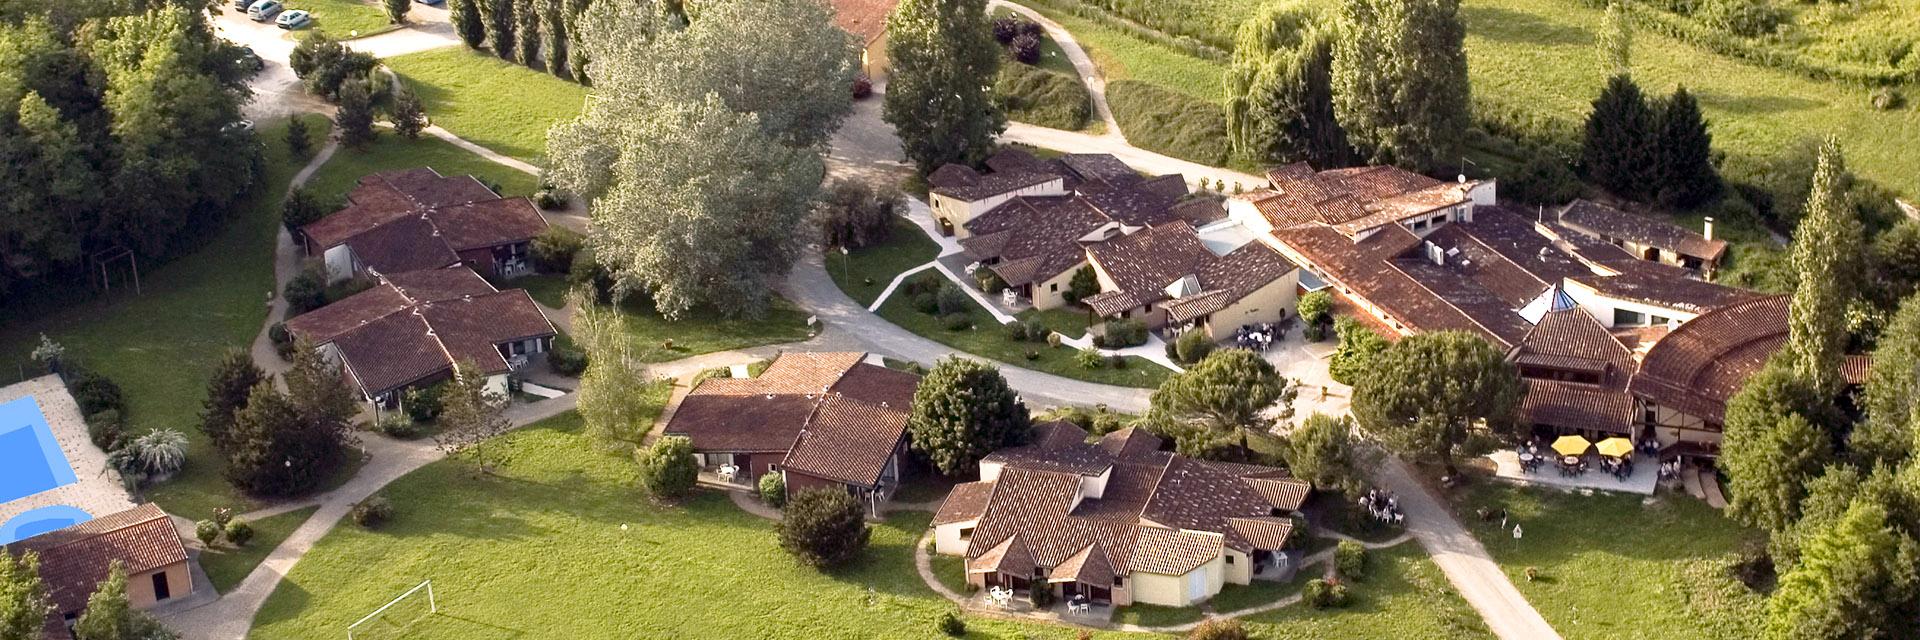 Village_club_vacances_gers-et-aquitqine-relais-du-moulin-neuf-aerien